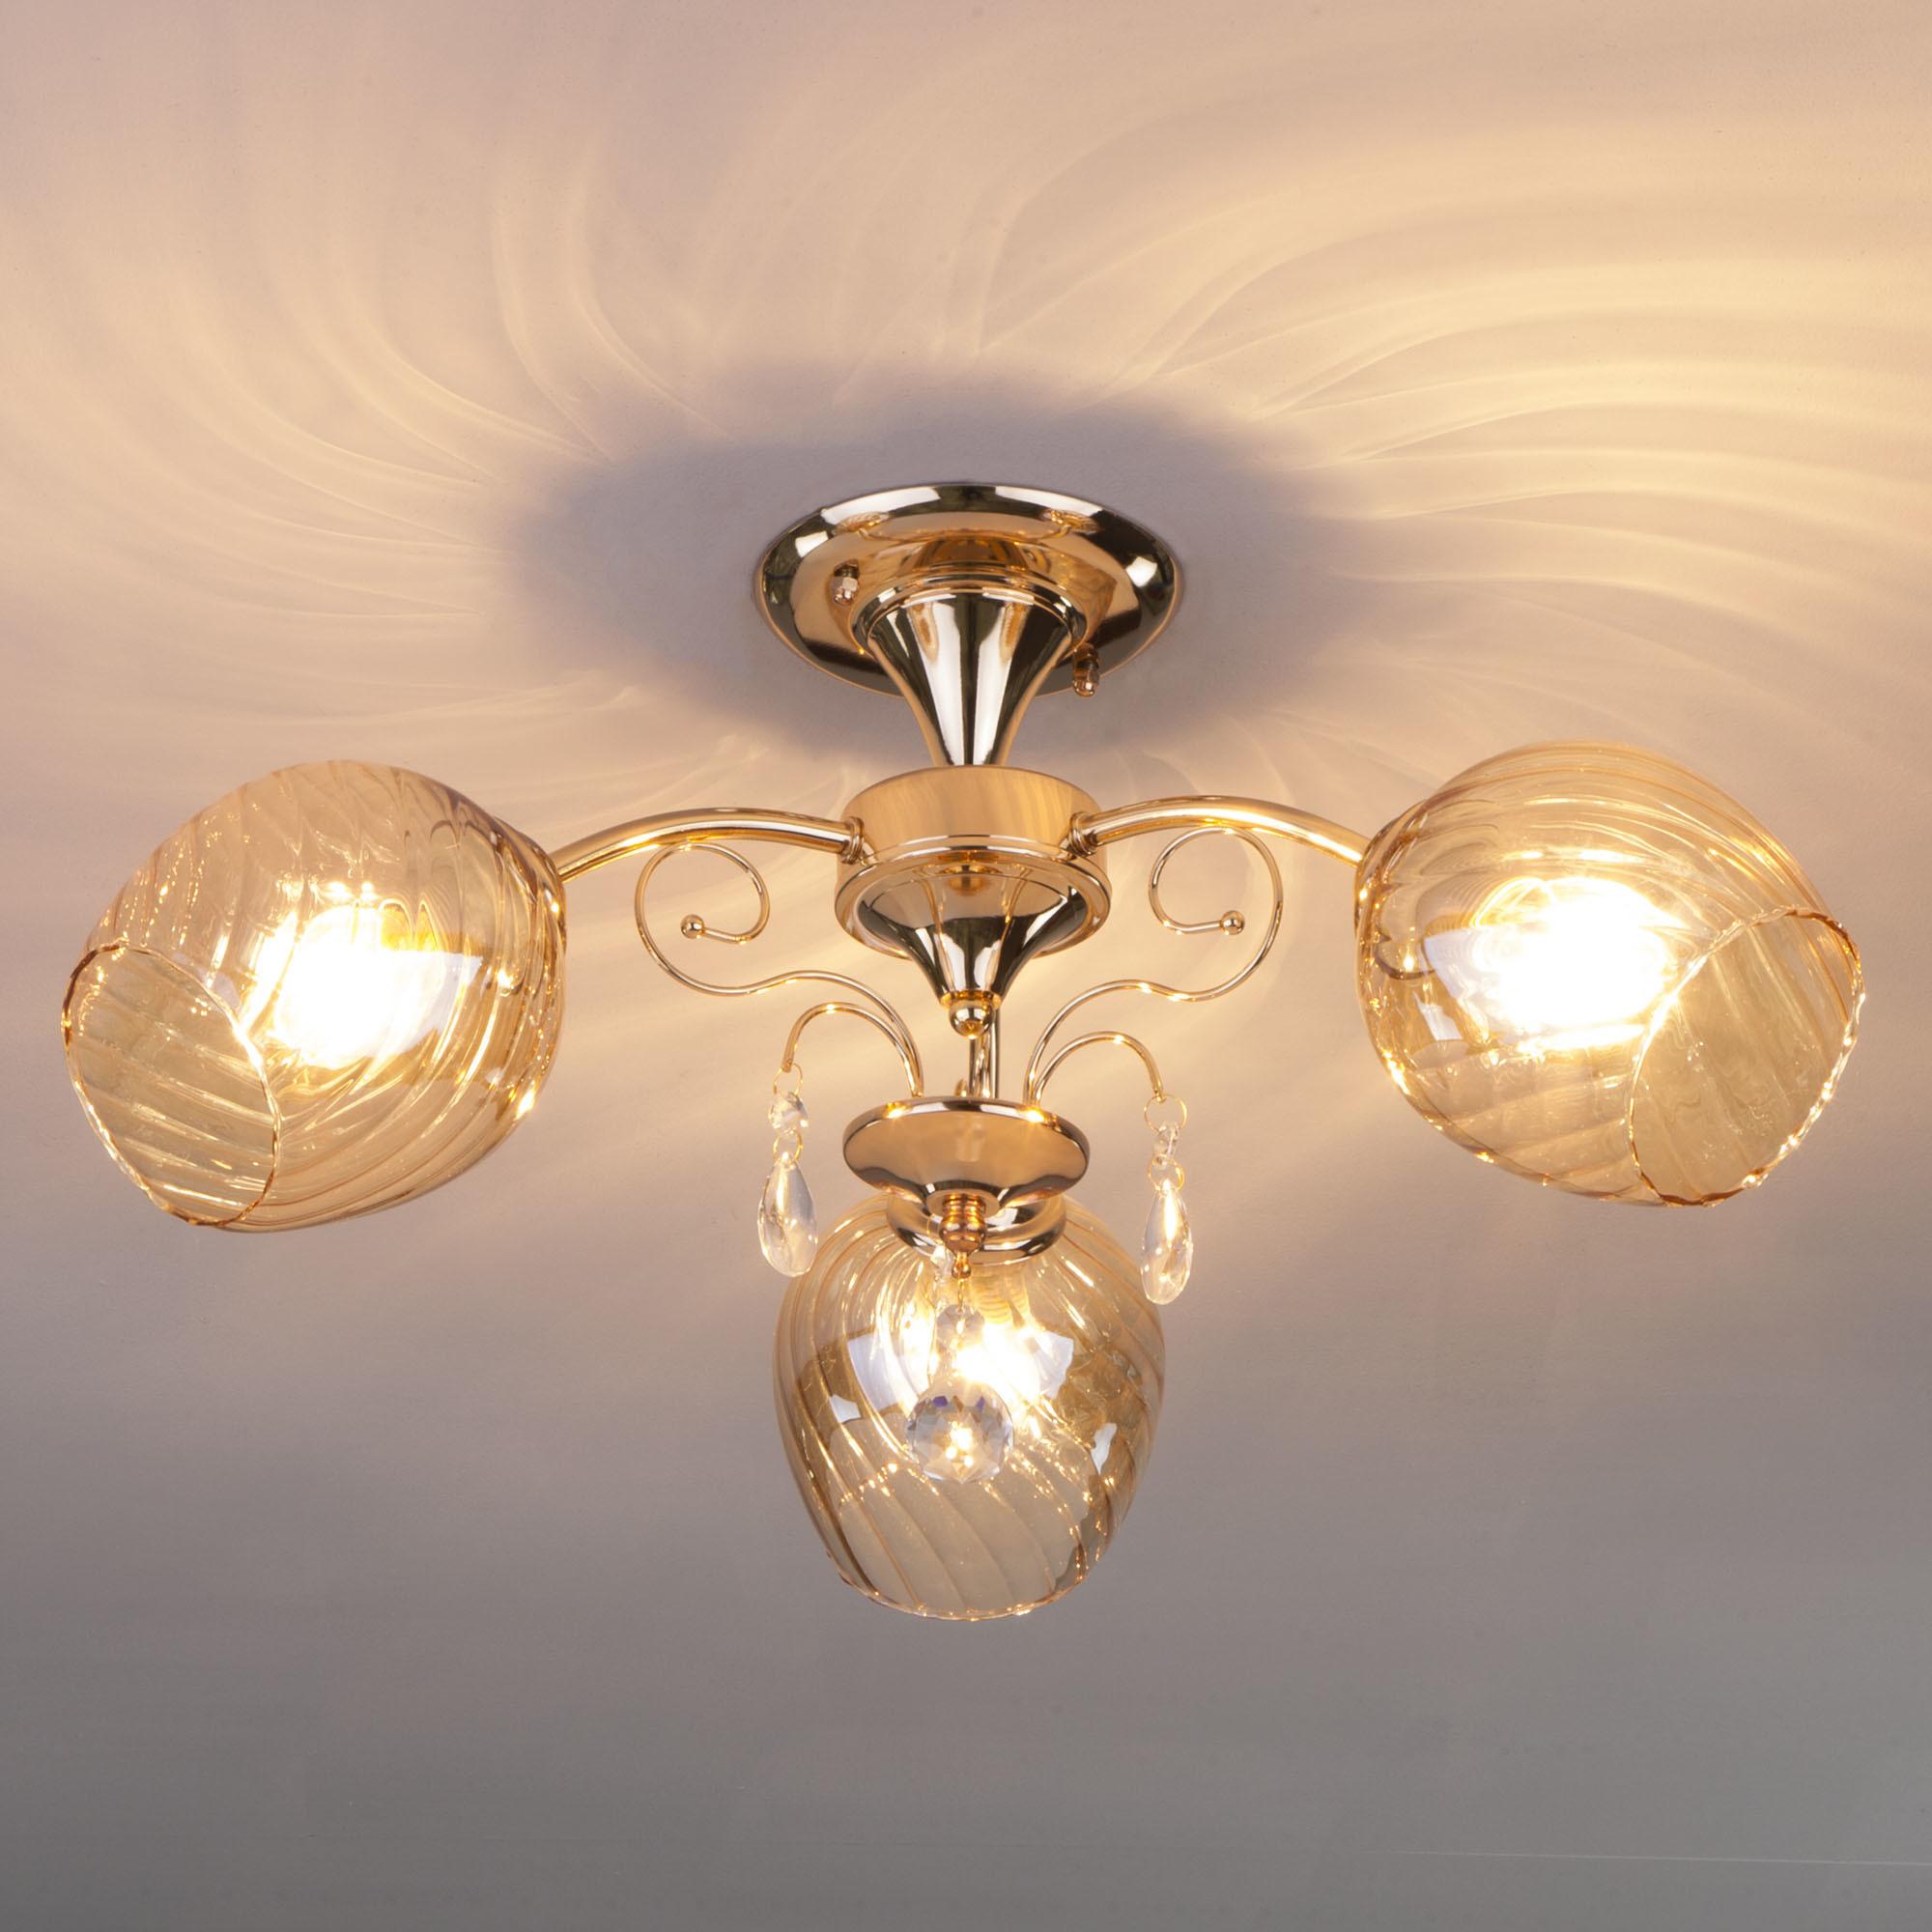 задранная люстры для низкого потолка фото профессия гондольера